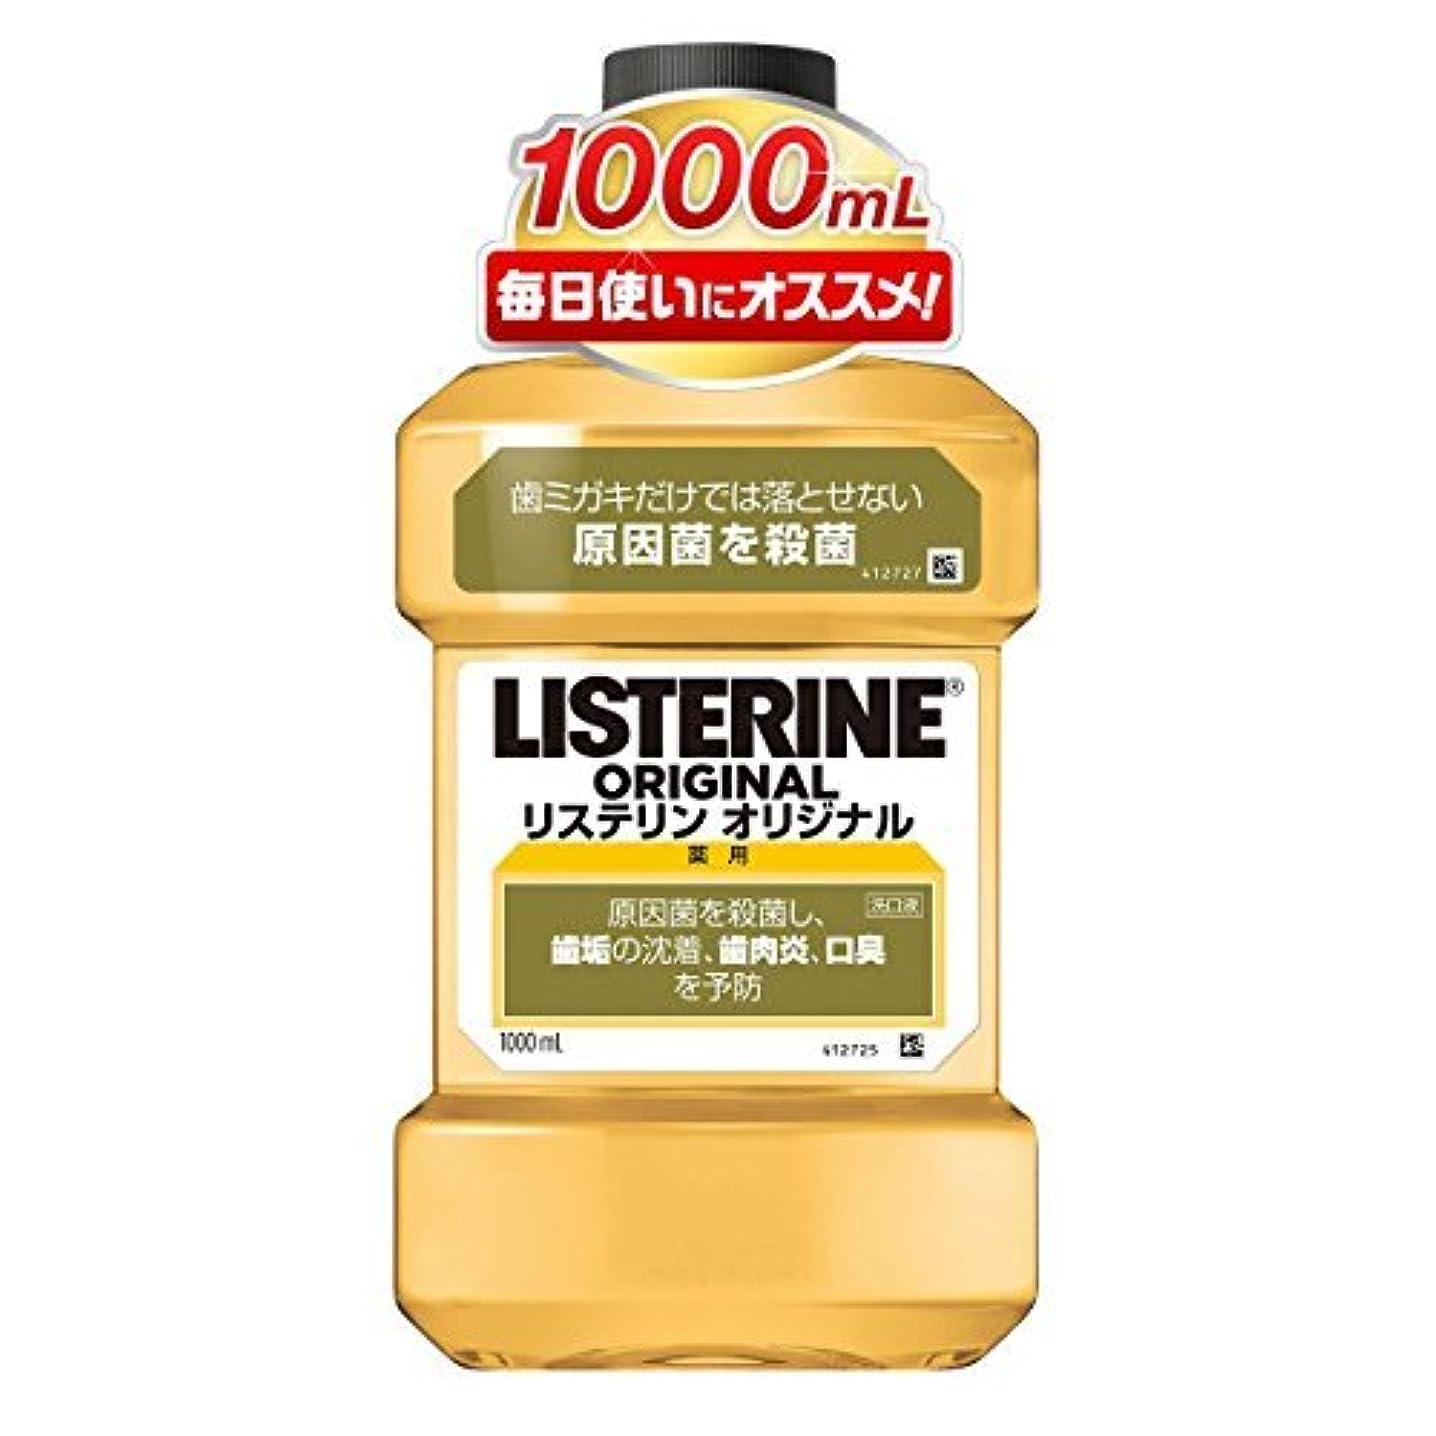 ウルル論争的レスリング薬用リステリン オリジナル 1000ml ×6個セット